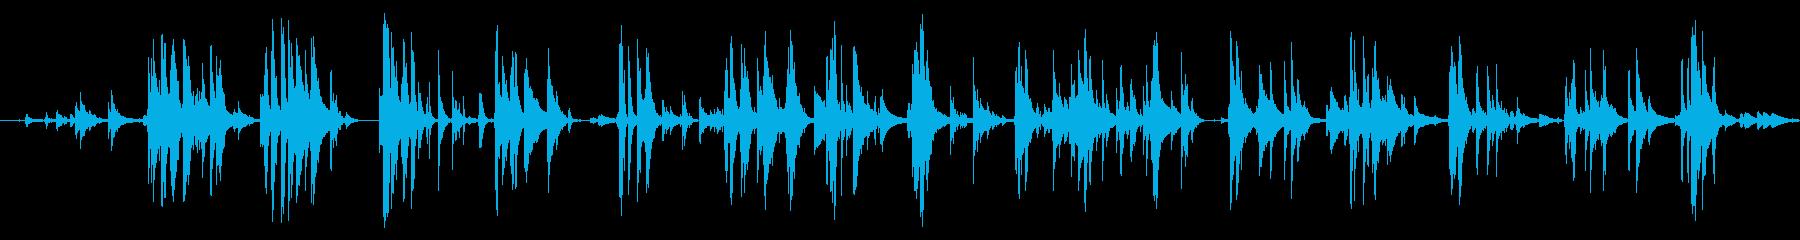 フォリーウォーク、カウベル、クロー...の再生済みの波形